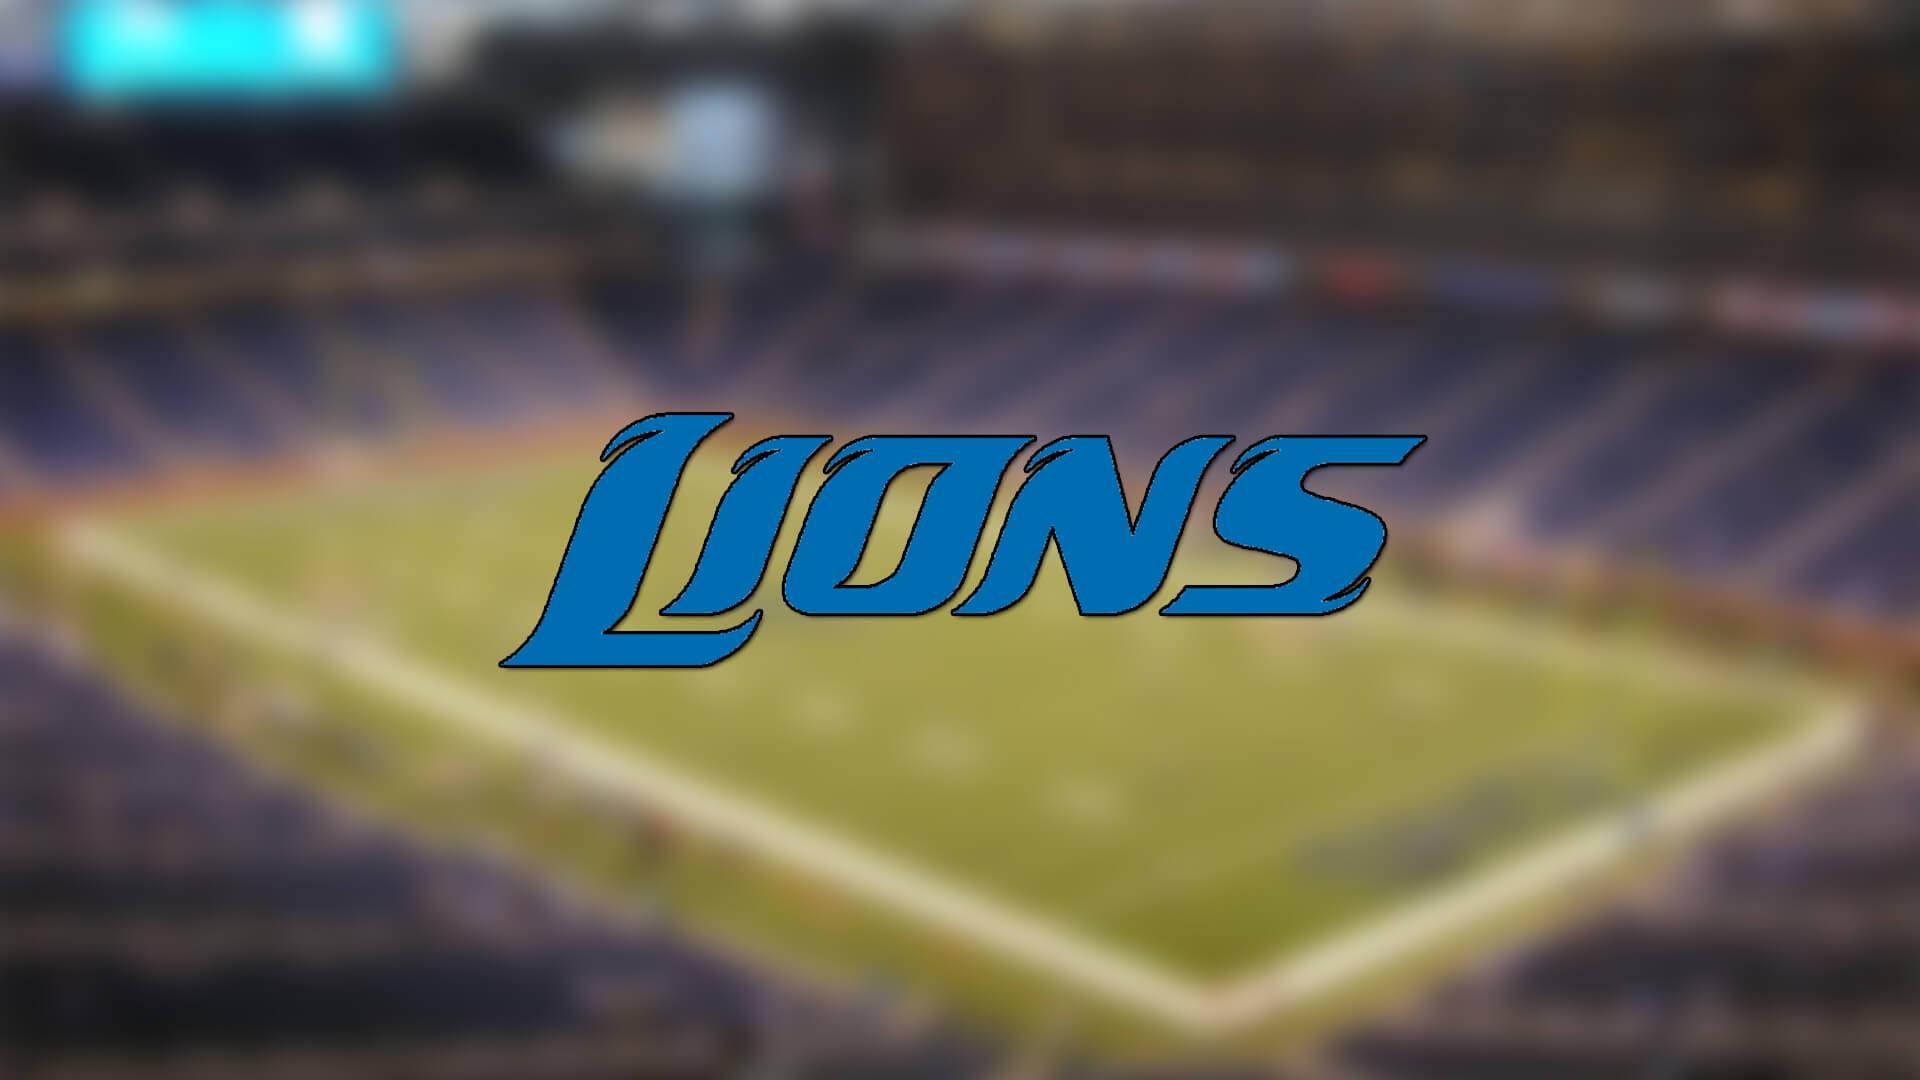 Lions, Taylor Decker ile Kontratı Uzattı | Korumalı Futbol Türkiye